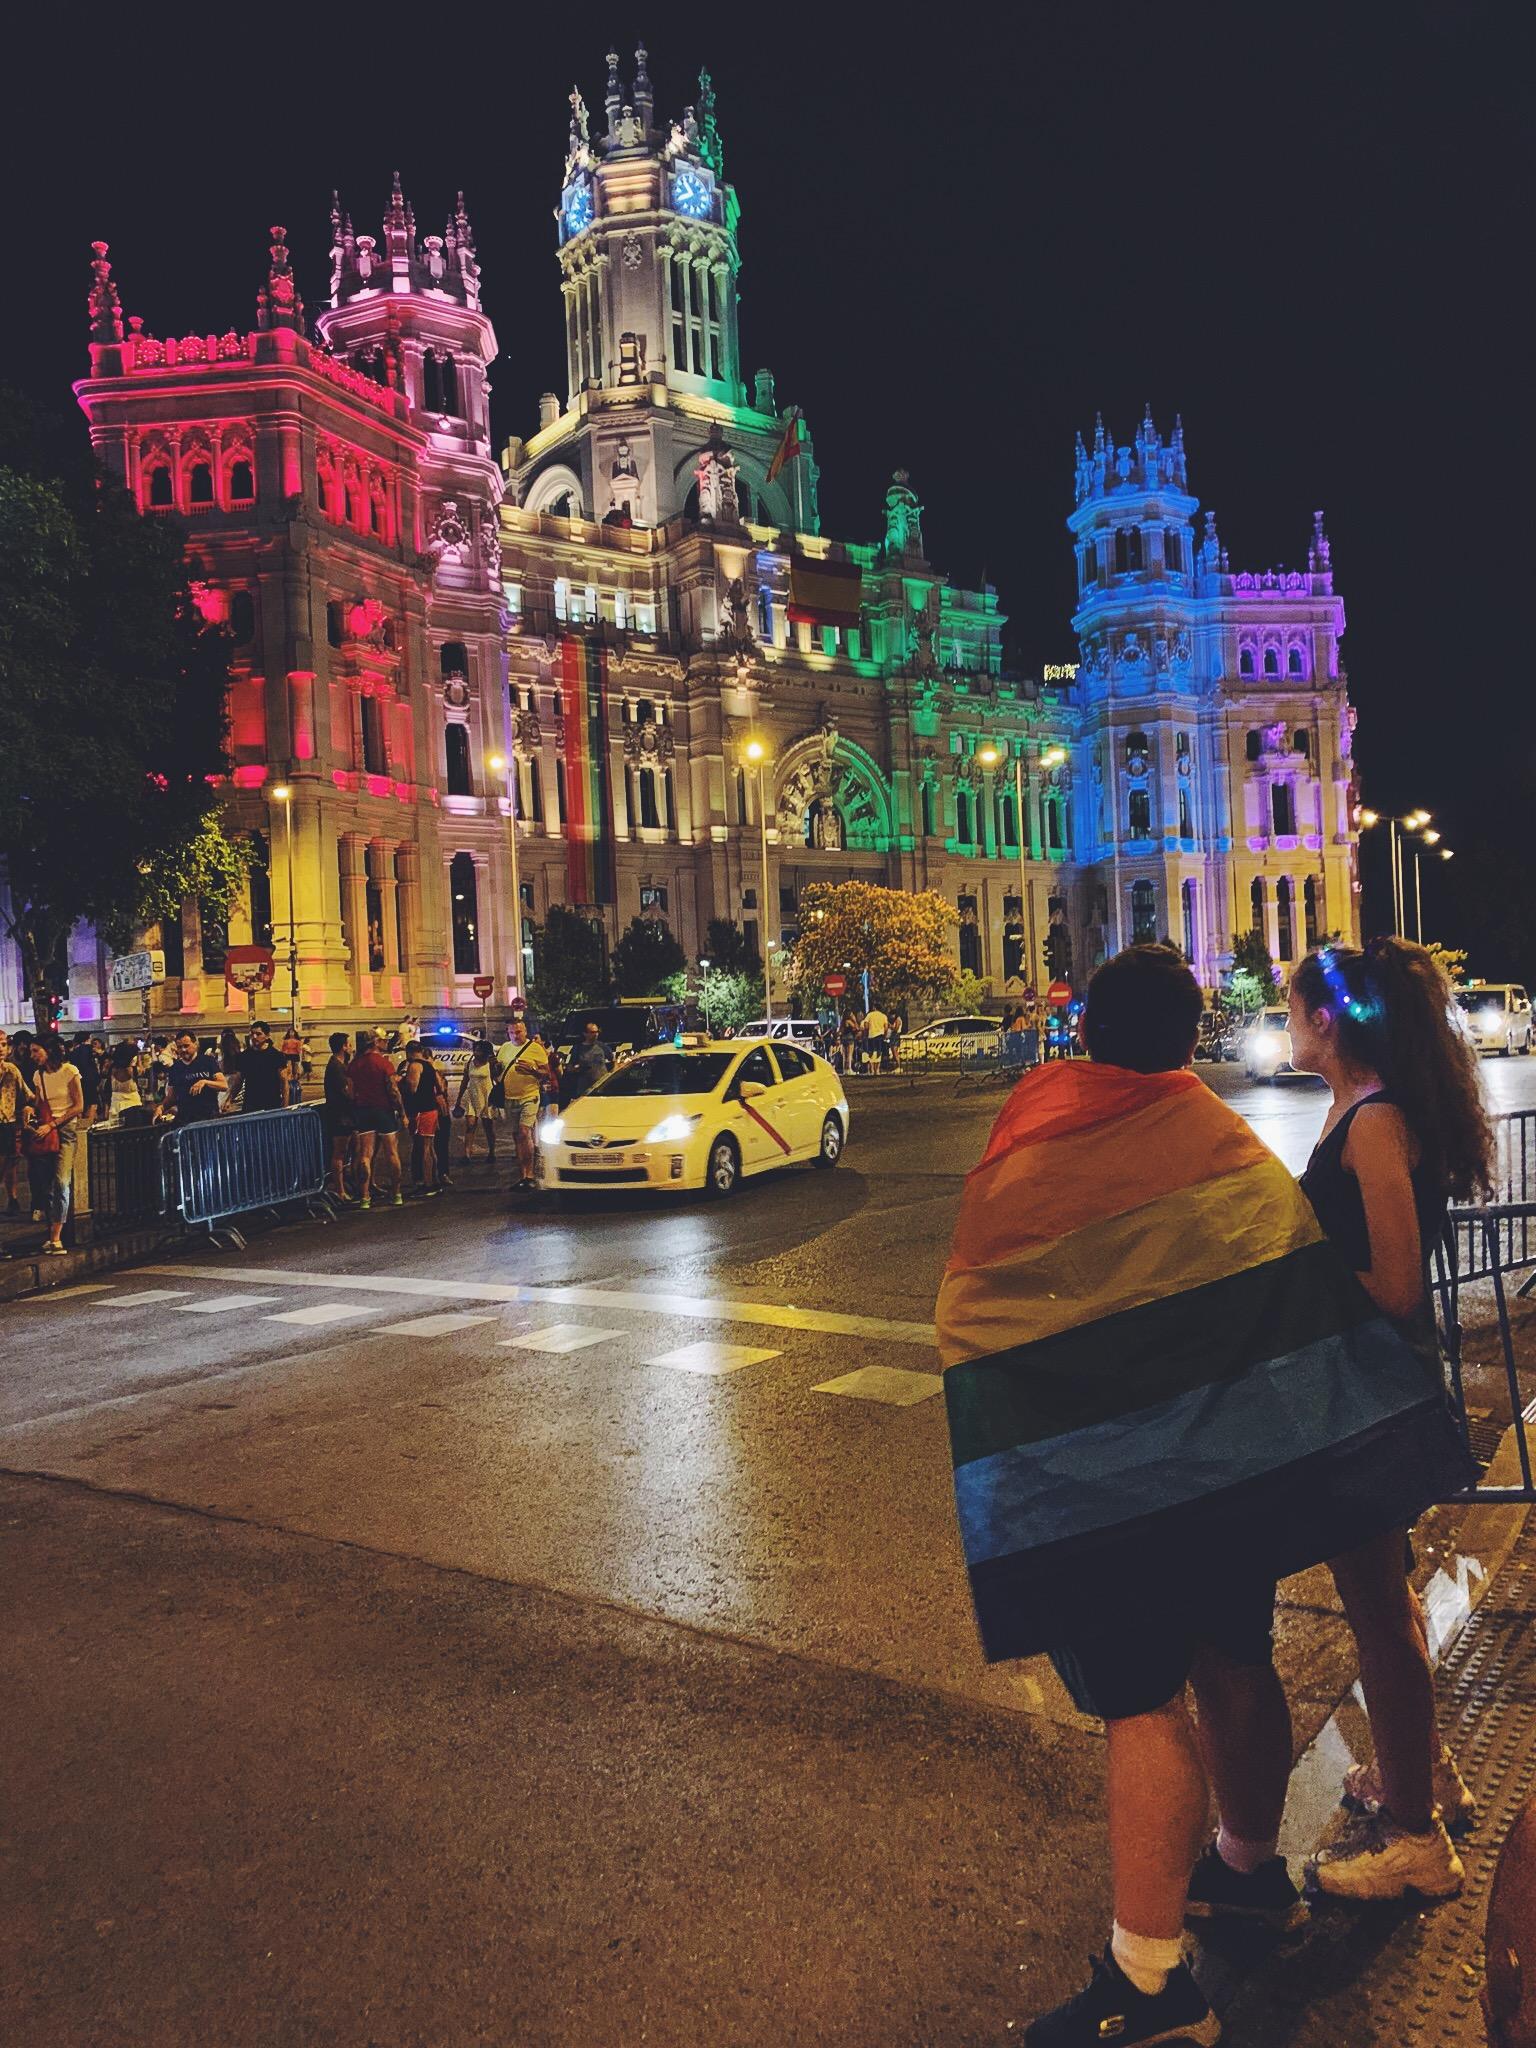 Priya the Blog, Nashville travel blog, Nashville travel blogger, travel to Madrid, travel to Barcelona, what do to in Madrid, what to do in Barcelona, Madrid travel guide, Barcelona travel guide, Spain travel guide, what to do in Spain, what to see in Spain, what we loved in Spain